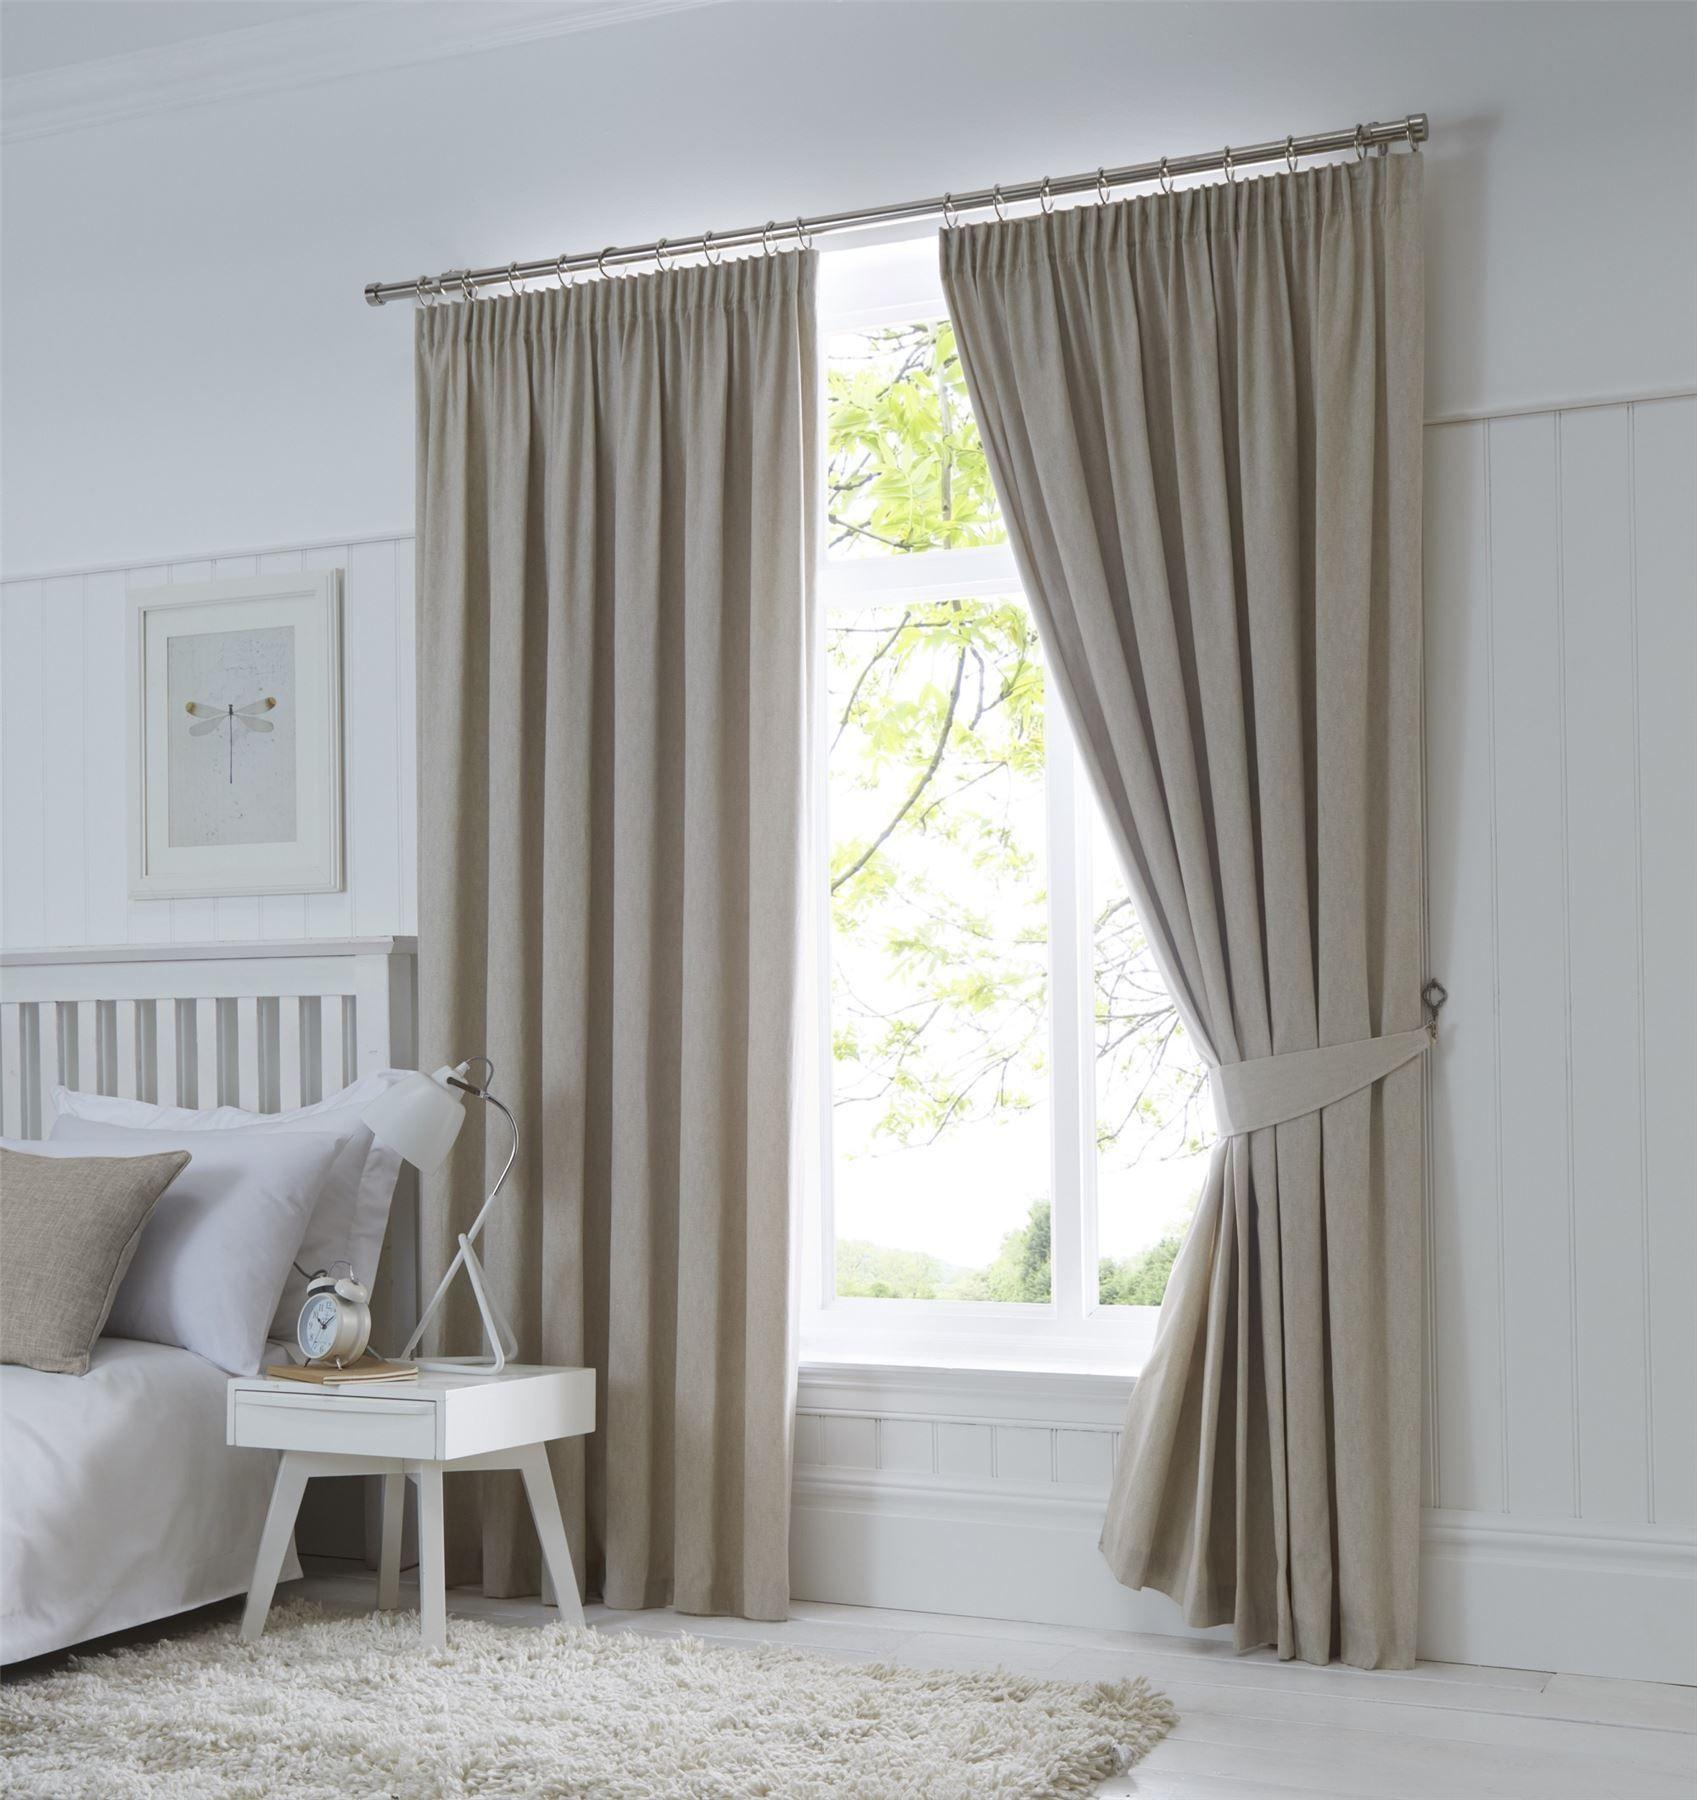 trennvorhang zimmer, 15 sammlung von bleistift falte vorhänge | vorhang | pinterest, Design ideen